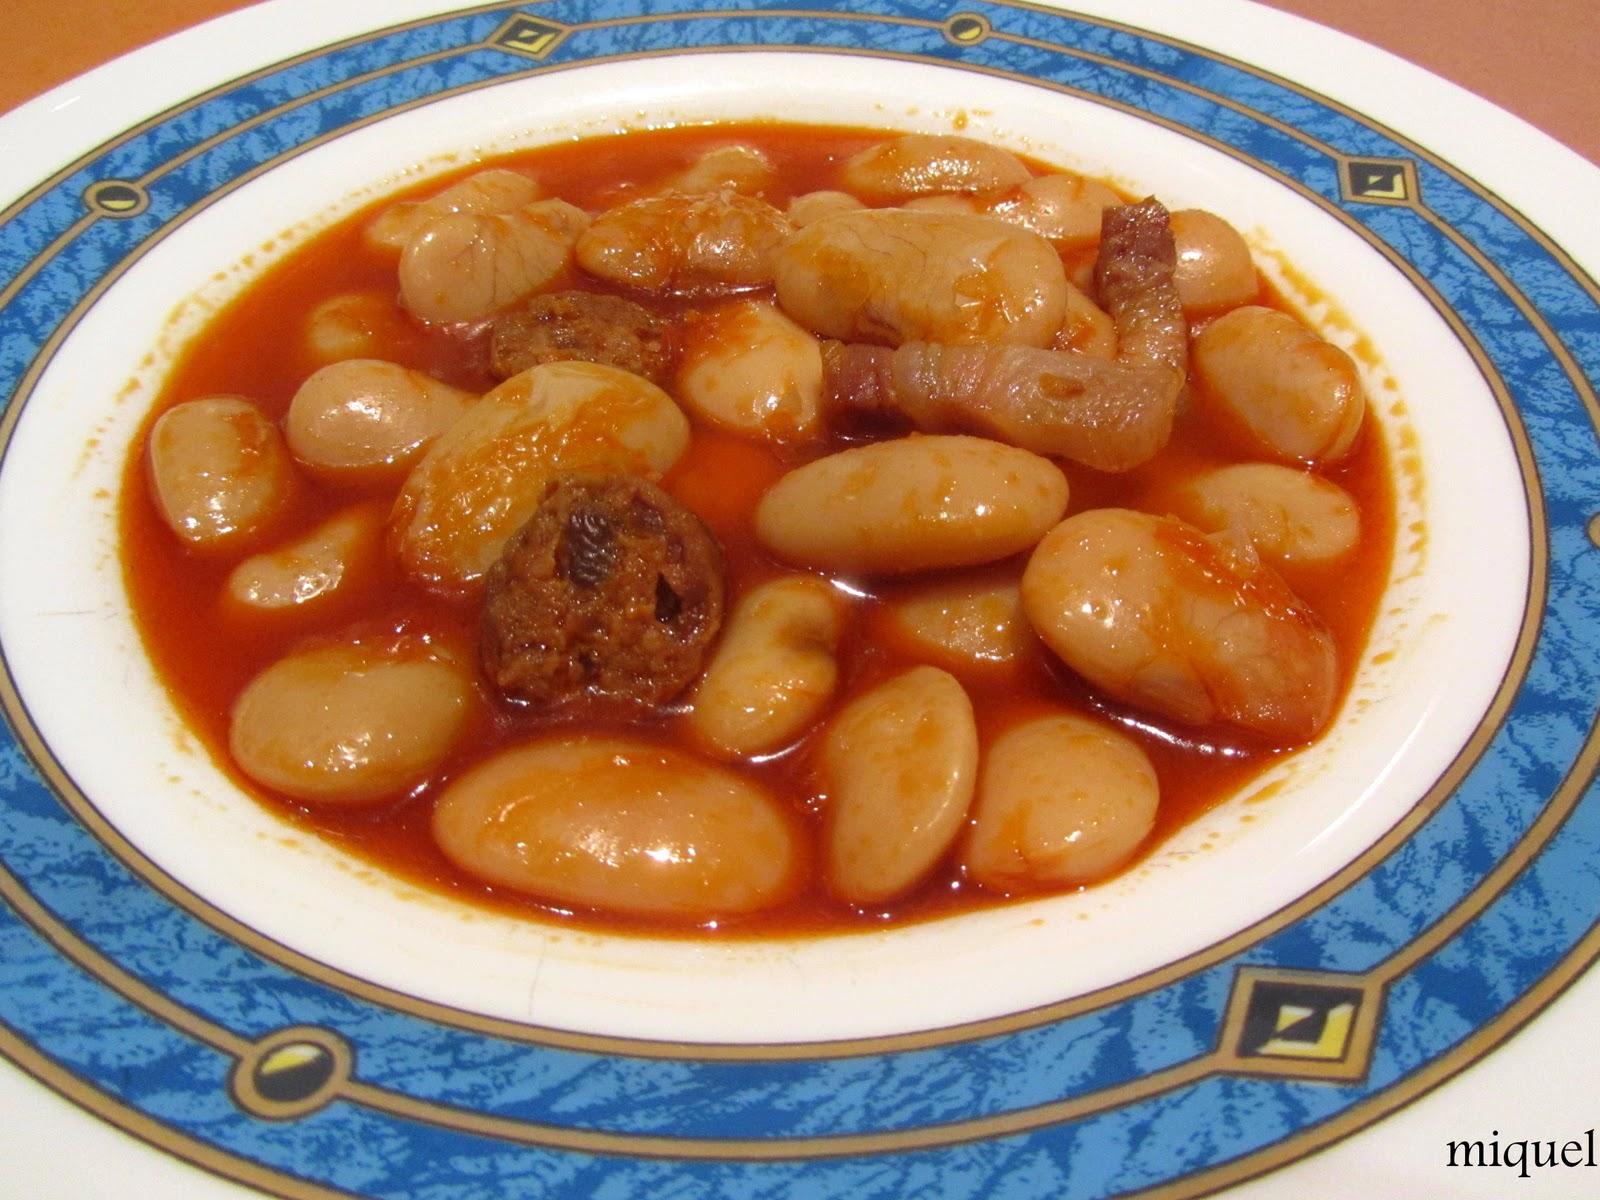 20 ideas deliciosas para cocinar con chorizo espa ol for Cocinar judias blancas de bote